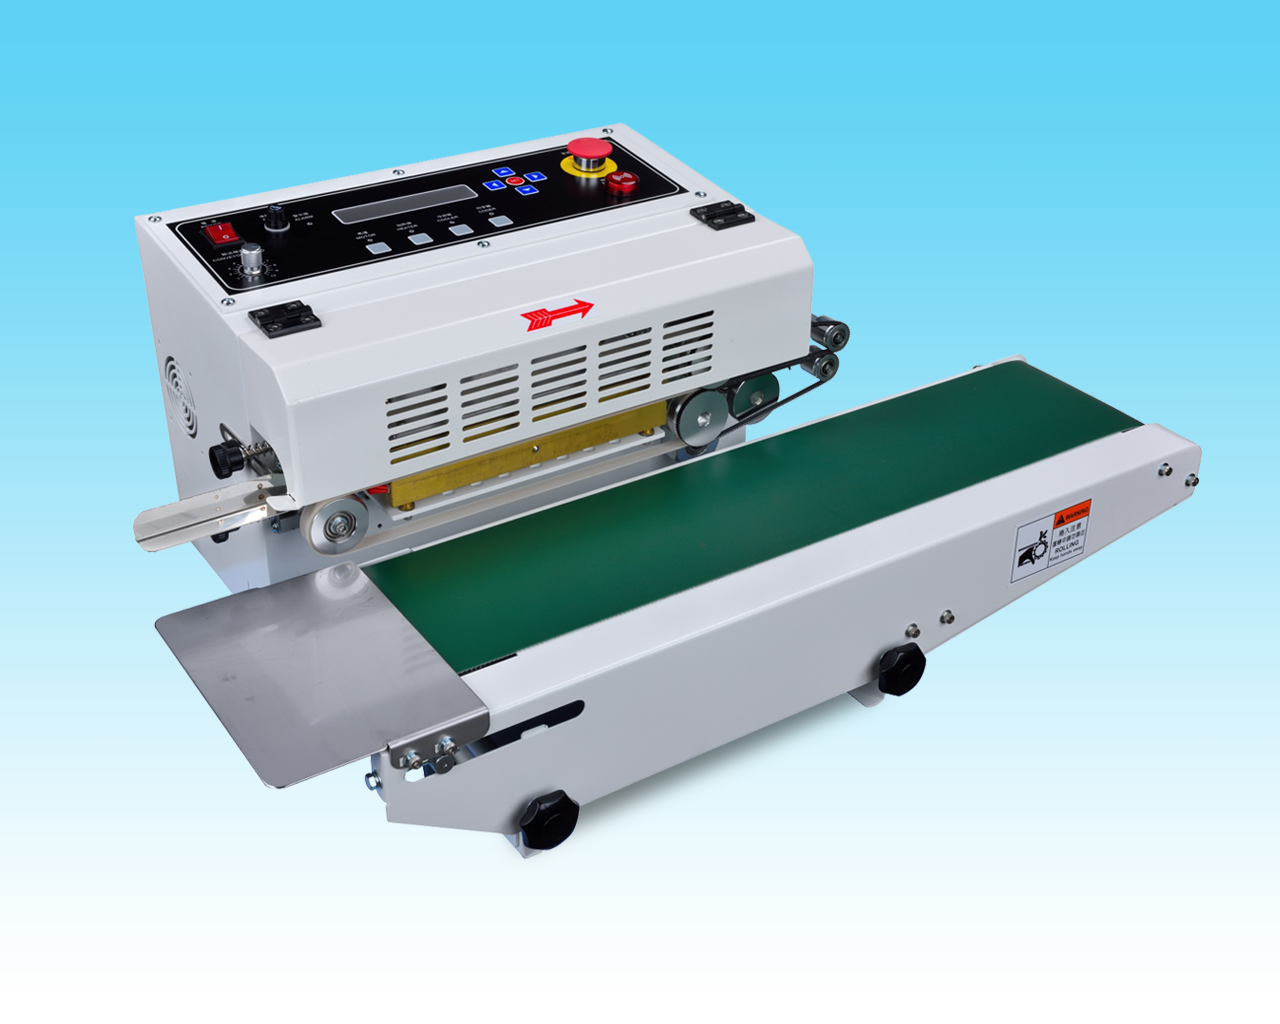 band sealer、band sealing、sealing packaging、sealing packaging machine、sealing machinery、sealer machine